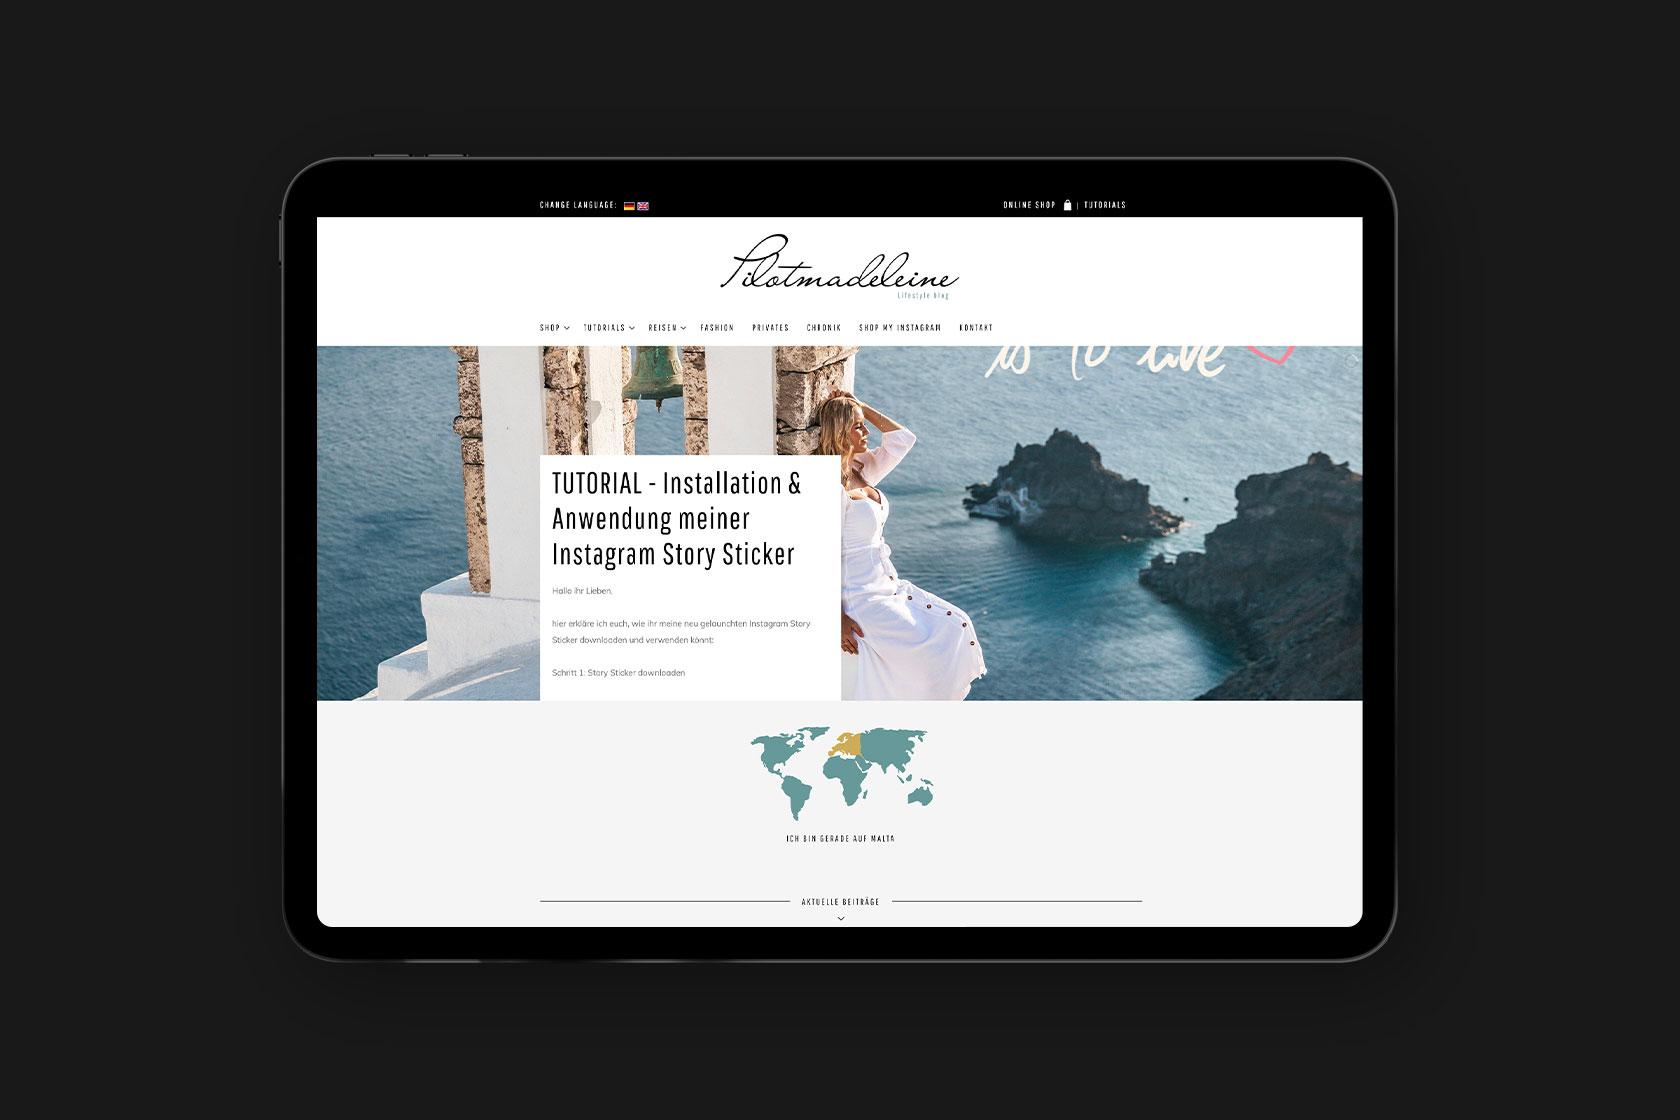 Webdesign für pilotmadeleine – Inh.: Madeleine Schneider-Weiffenbach aus Malta